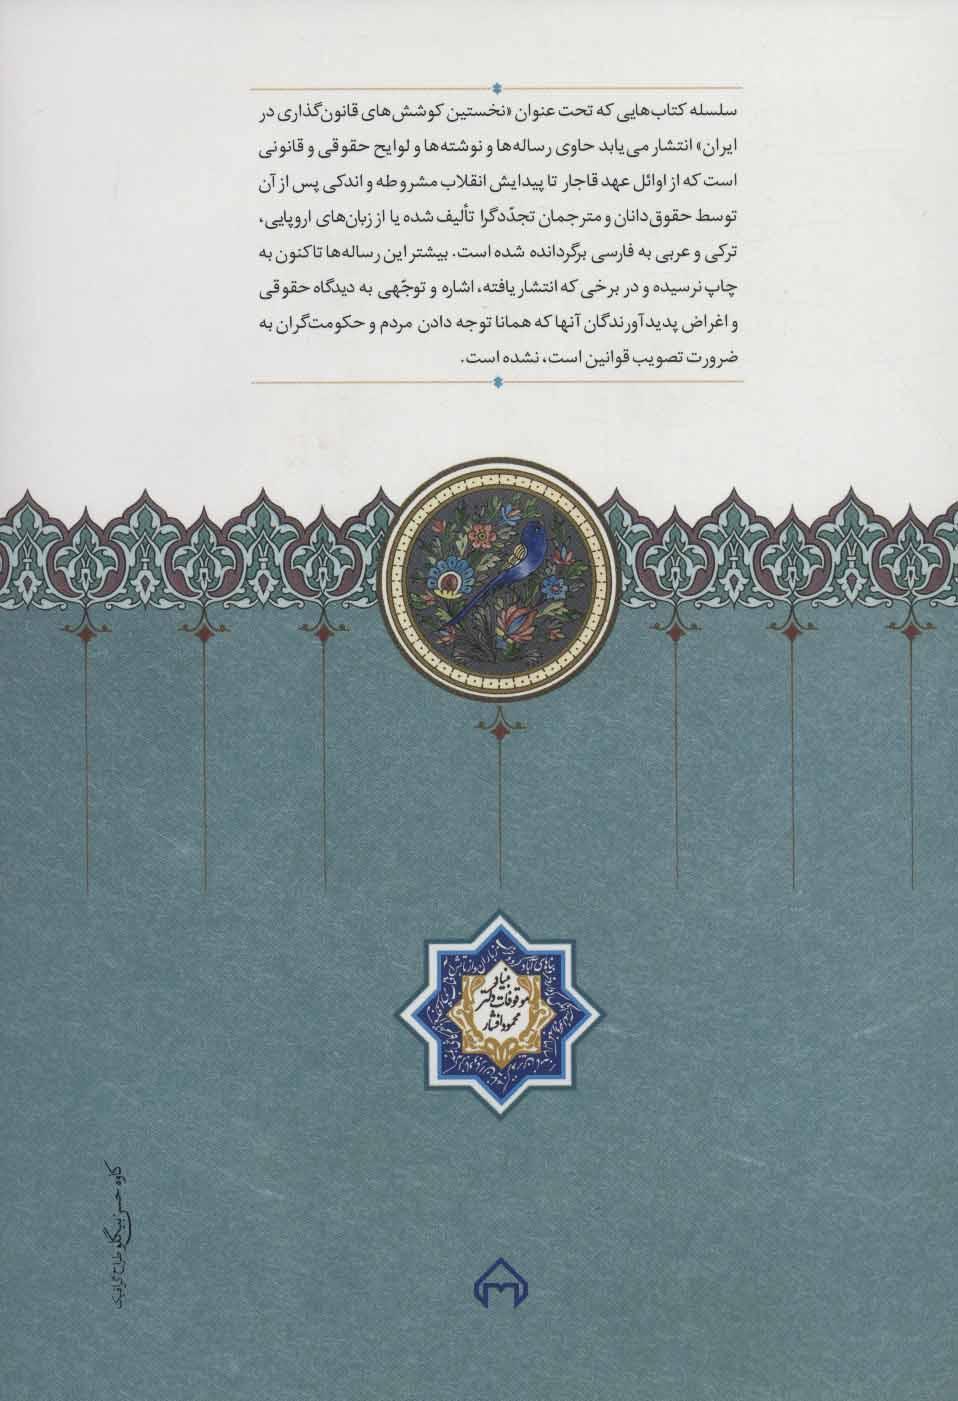 نخستین کوشش های قانون گذاری در ایران 2